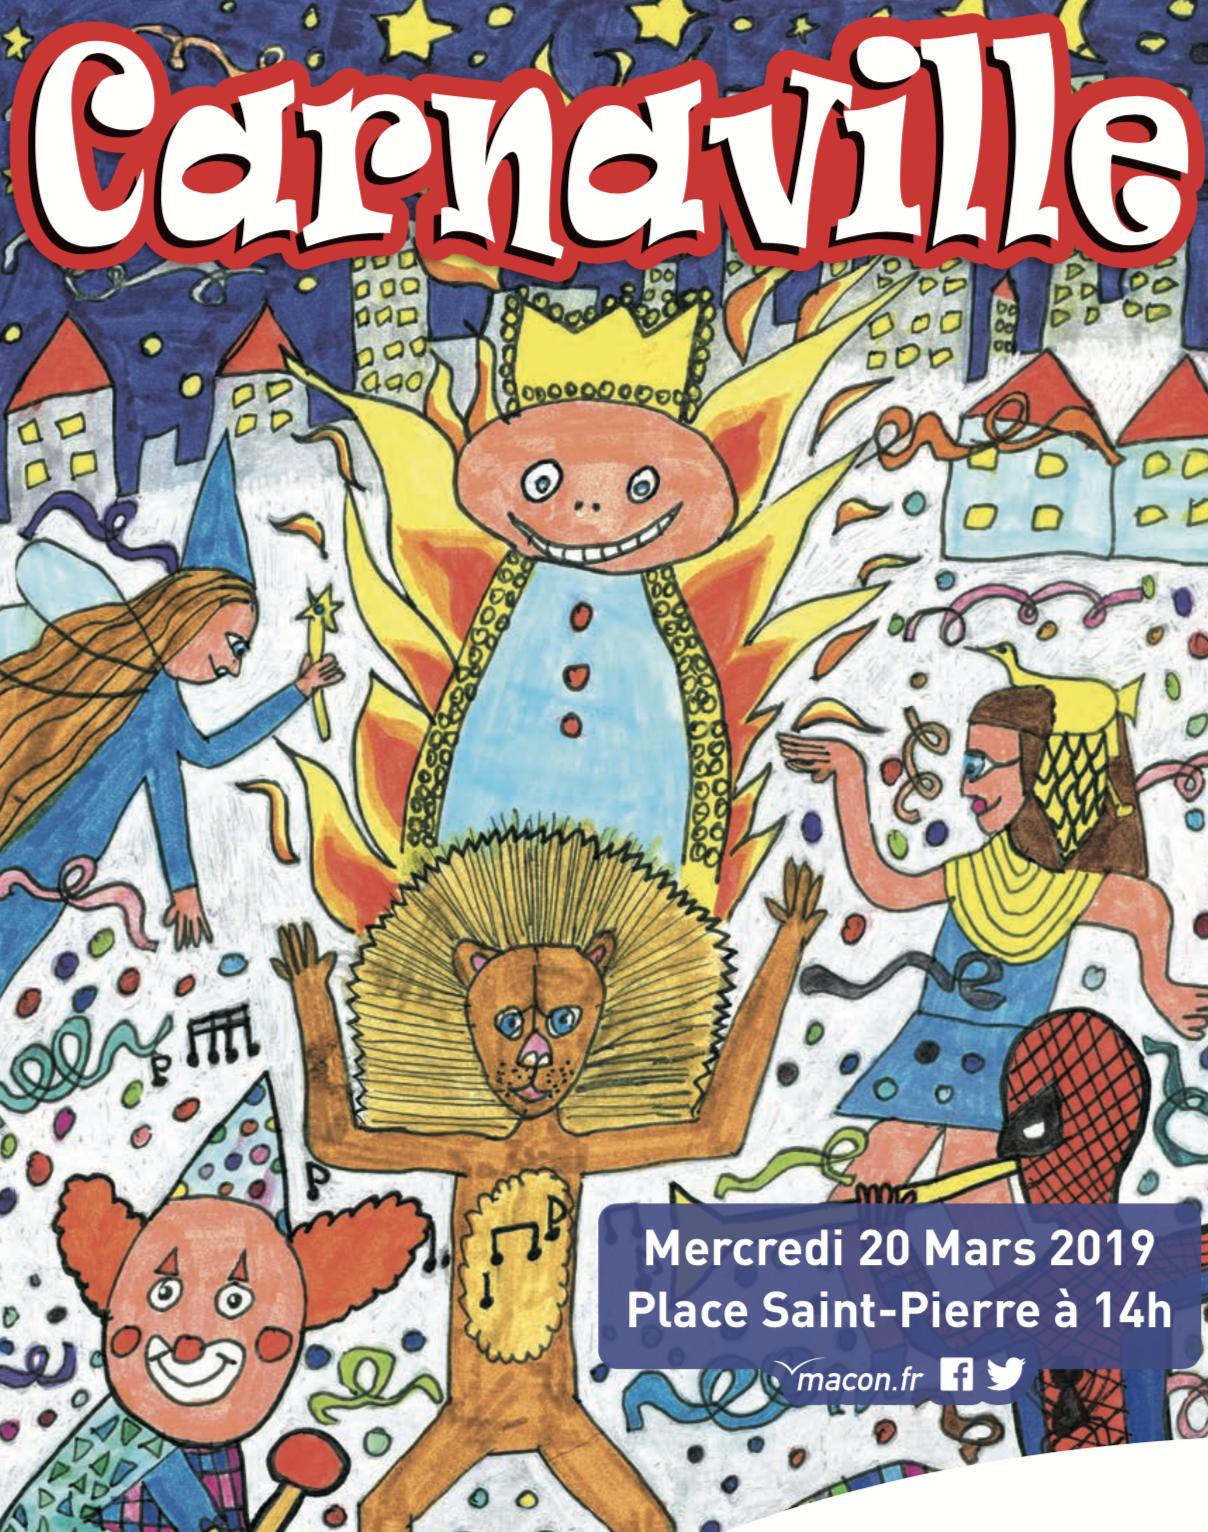 Carnaville 2019